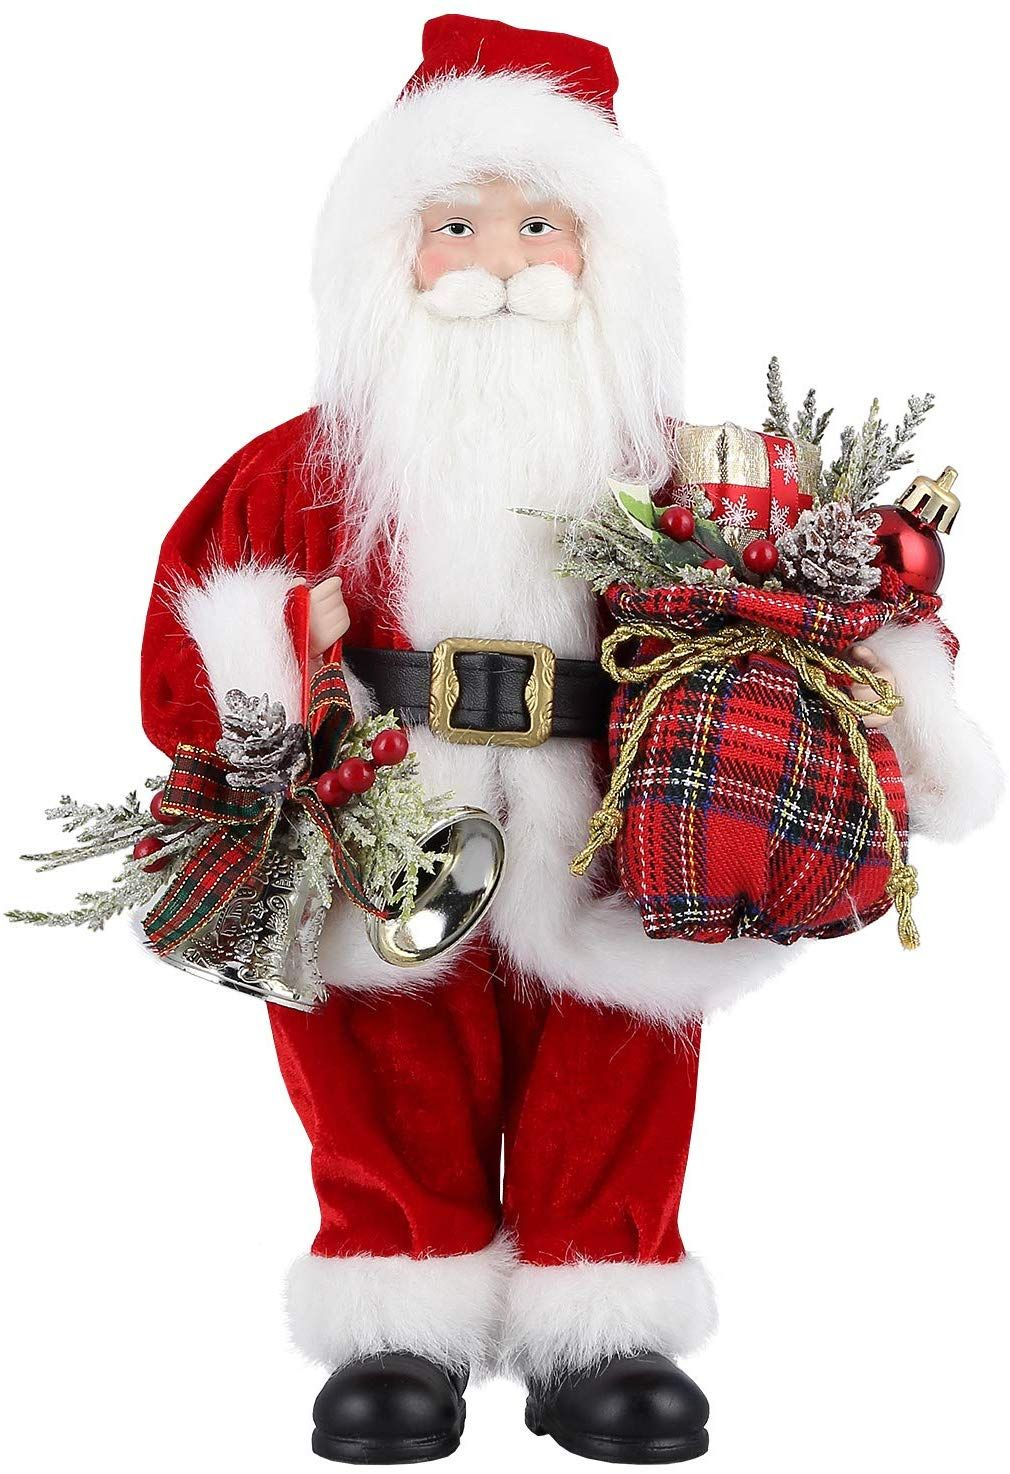 18cm hoch Weihnachtsmann Deko-Figur